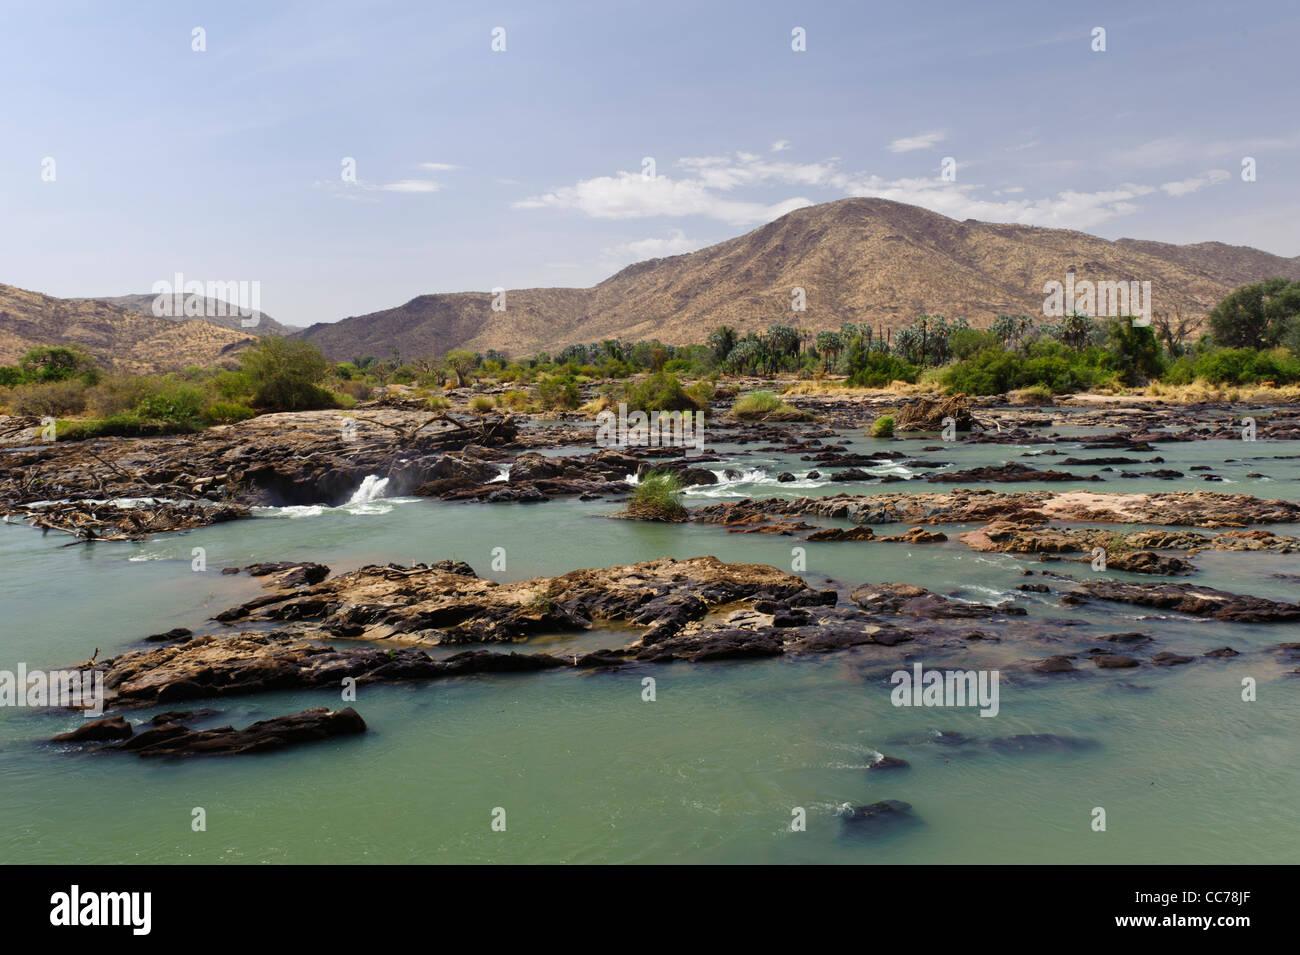 Près de la rivière Kunene Epupa Falls, région de Kunene Kaokoland, la Namibie. Banque D'Images